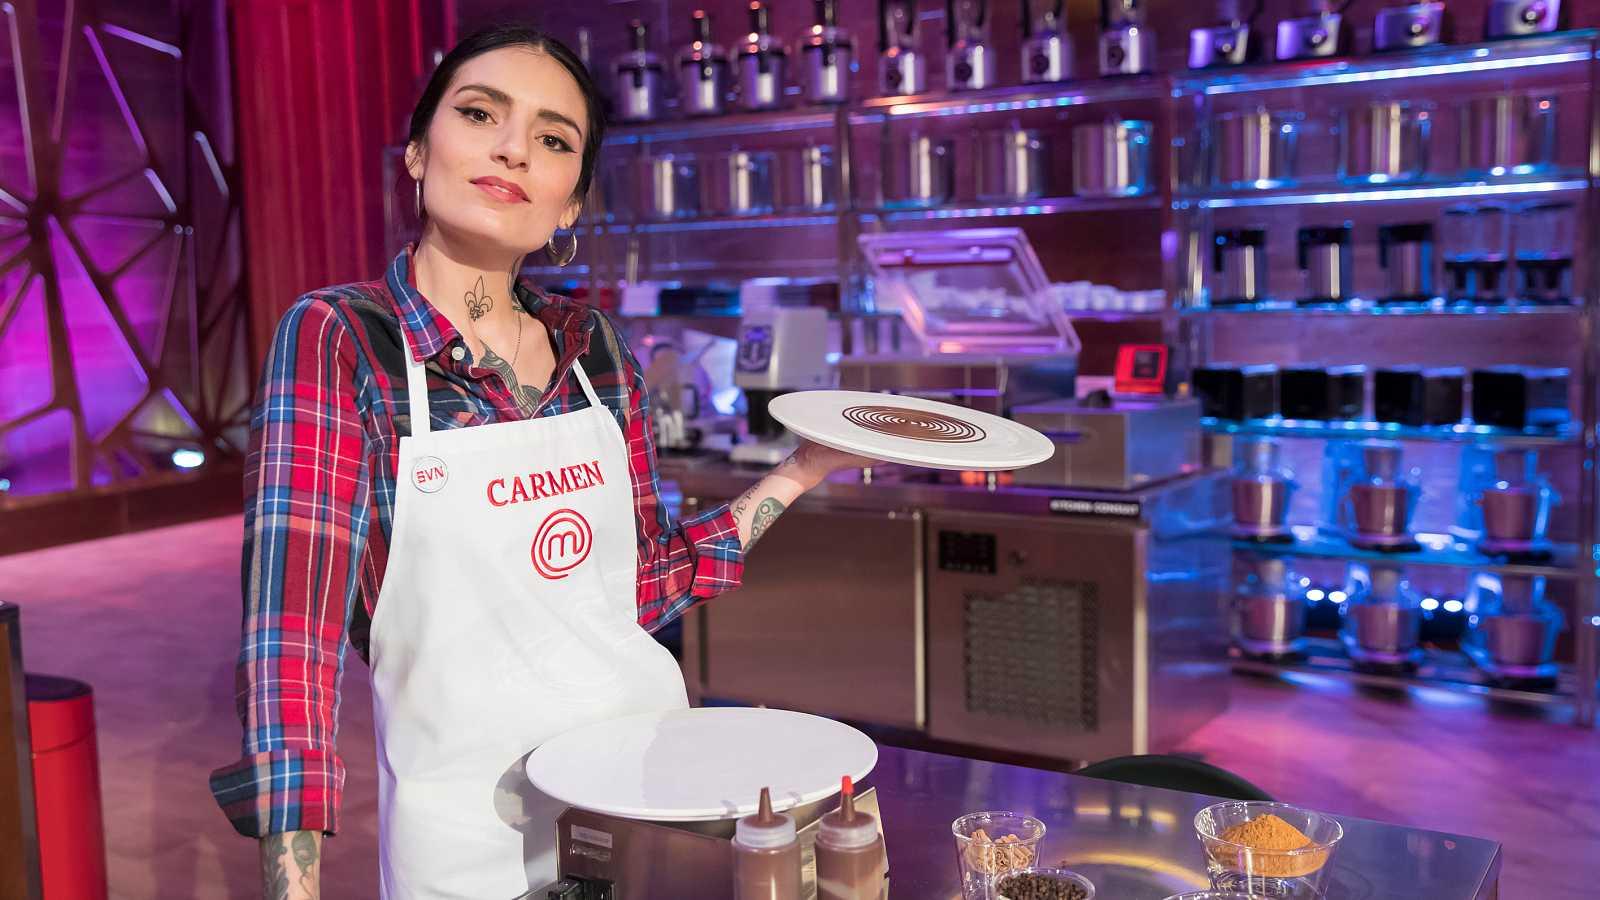 Carmen, creativa y con carácter